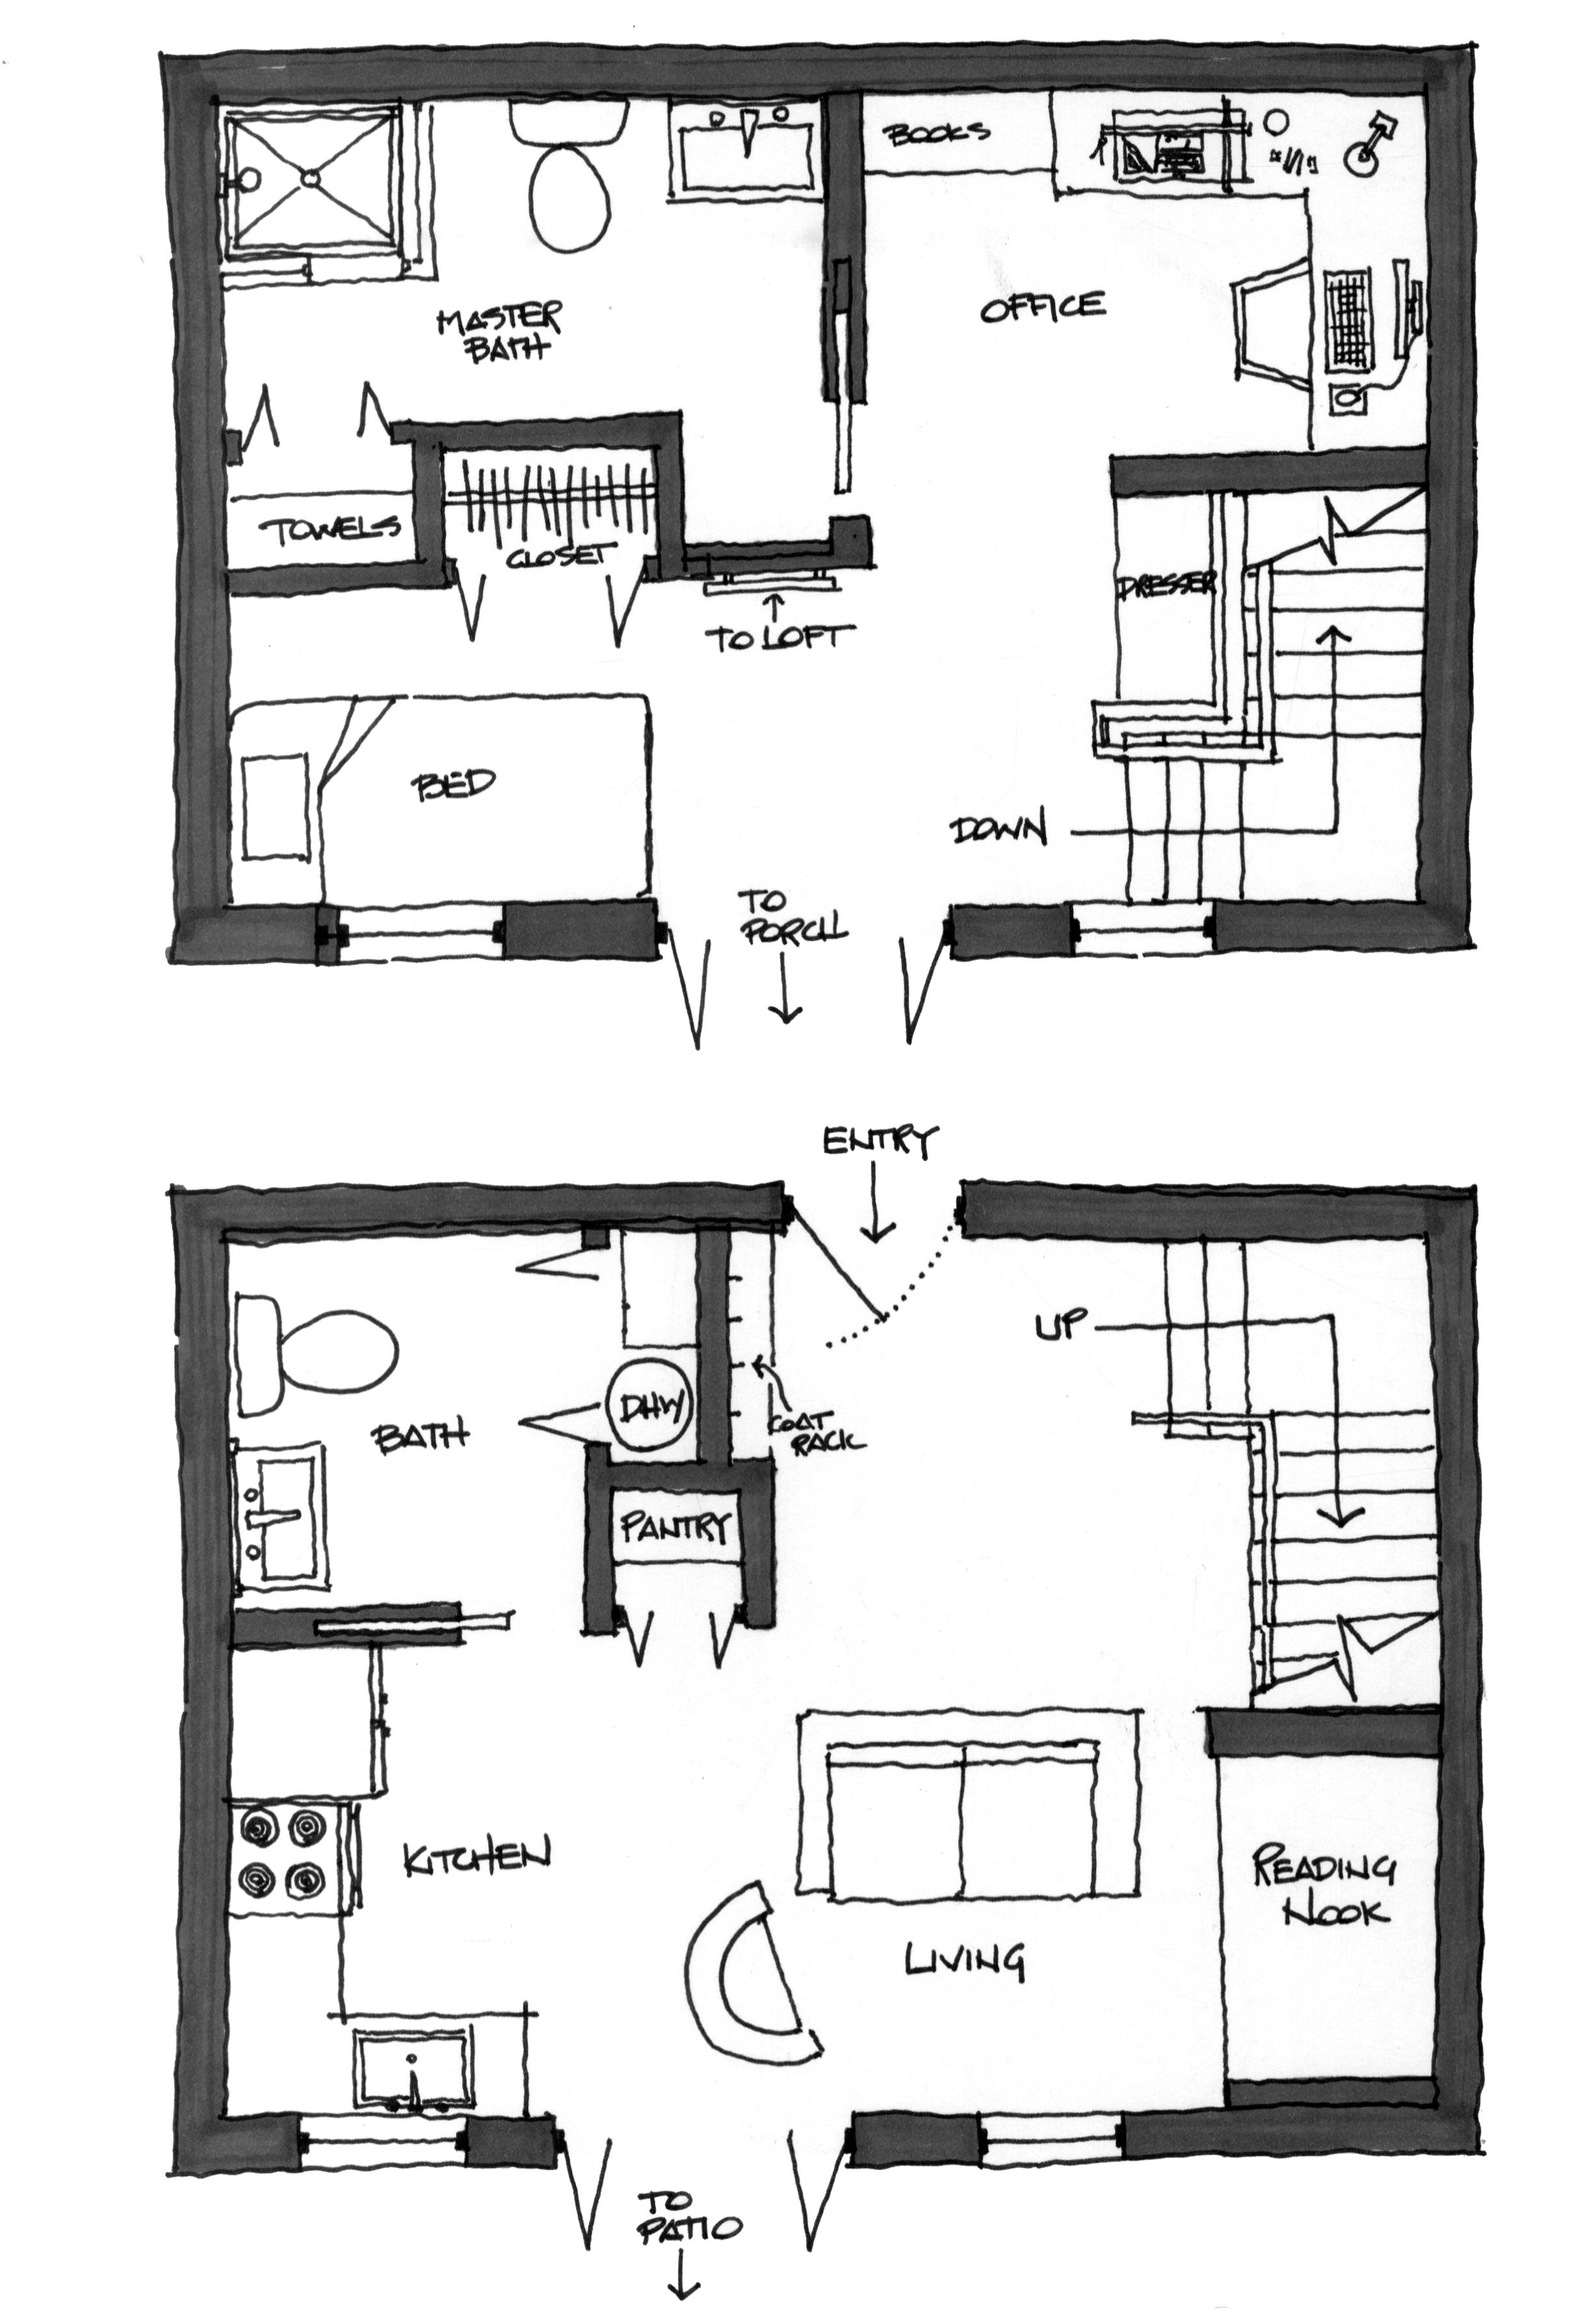 Process: Typical Unit Plans